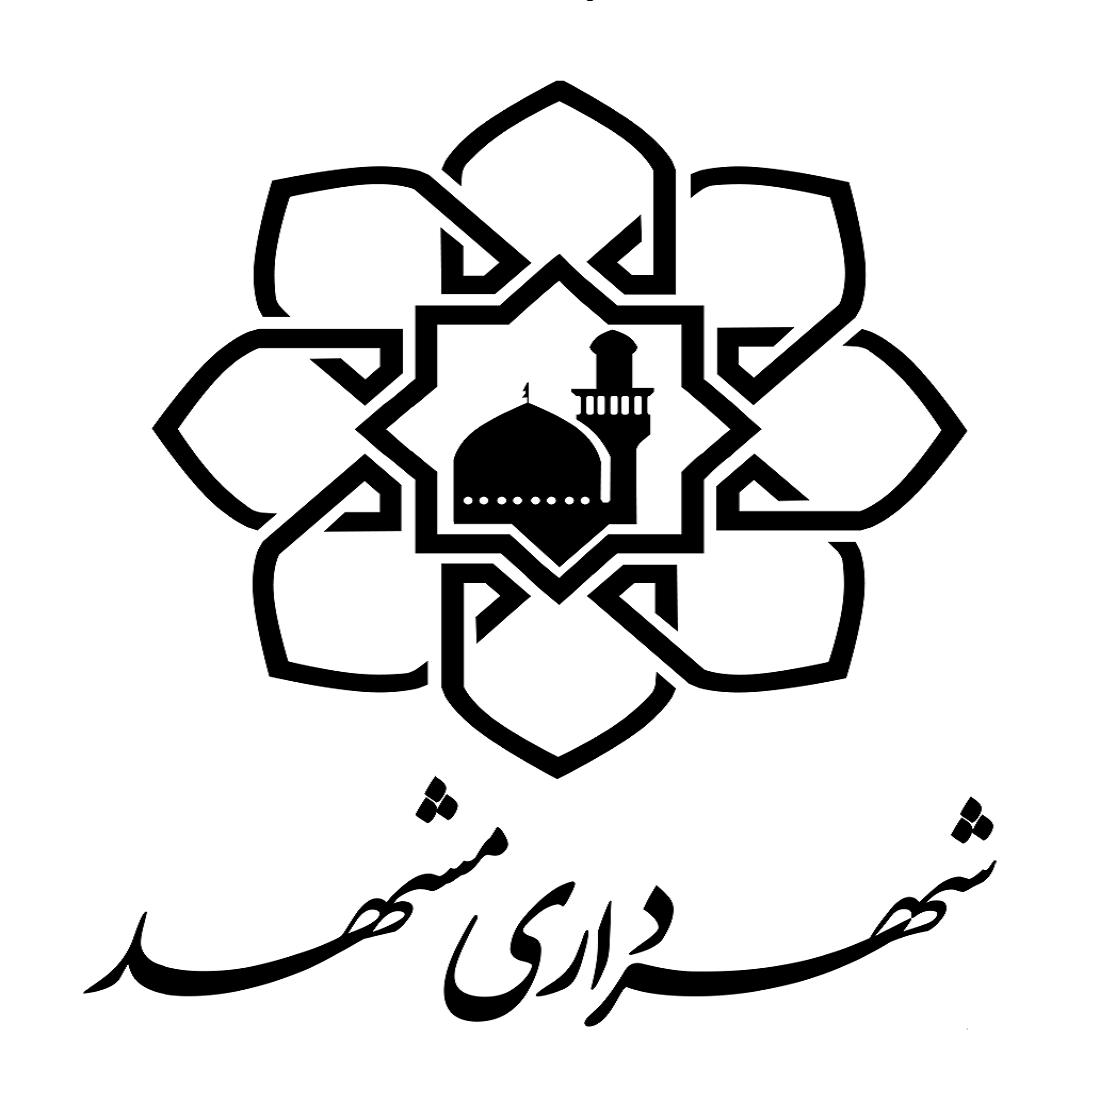 سازمان حمل و نقل و ترافیک مشهد